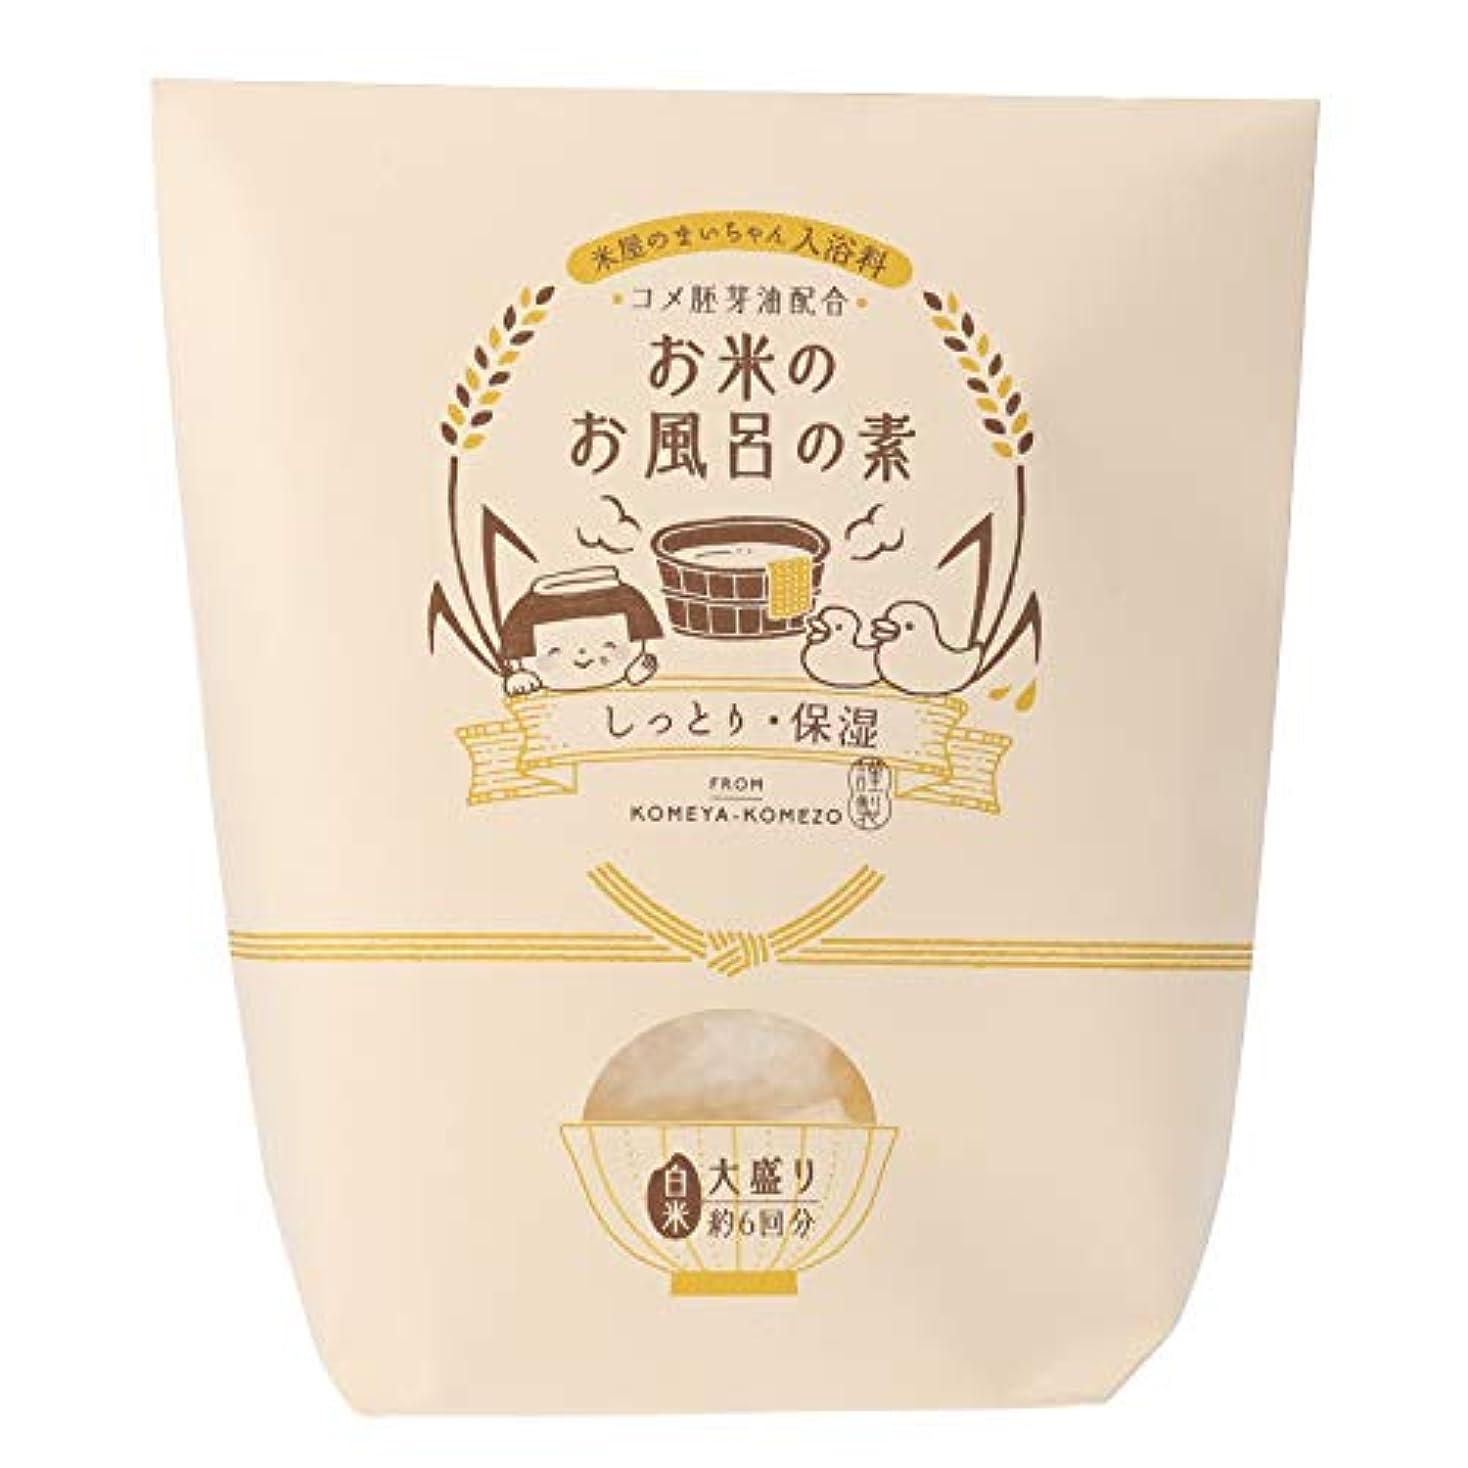 サークル系譜みすぼらしい米屋のまいちゃん家の逸品 お米のお風呂の素 大盛り(保湿) 入浴剤 142mm×55mm×156mm